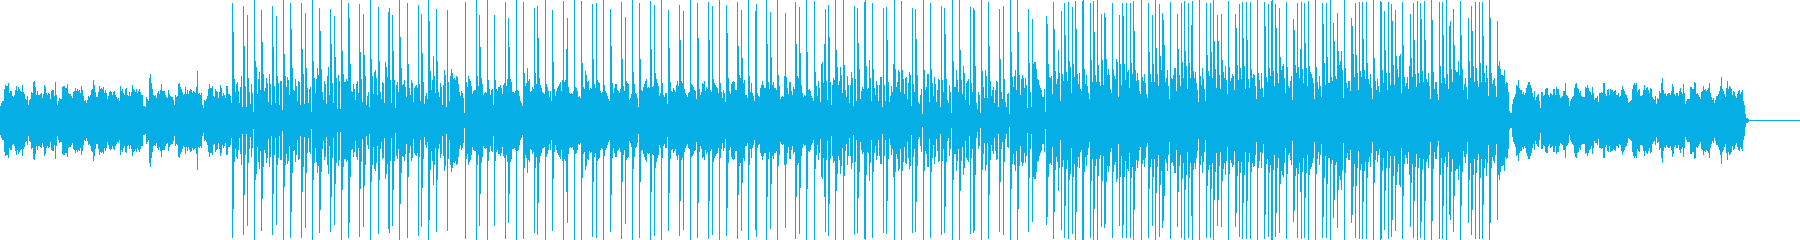 アコーディオンの旋律、悲しい印象の曲の再生済みの波形